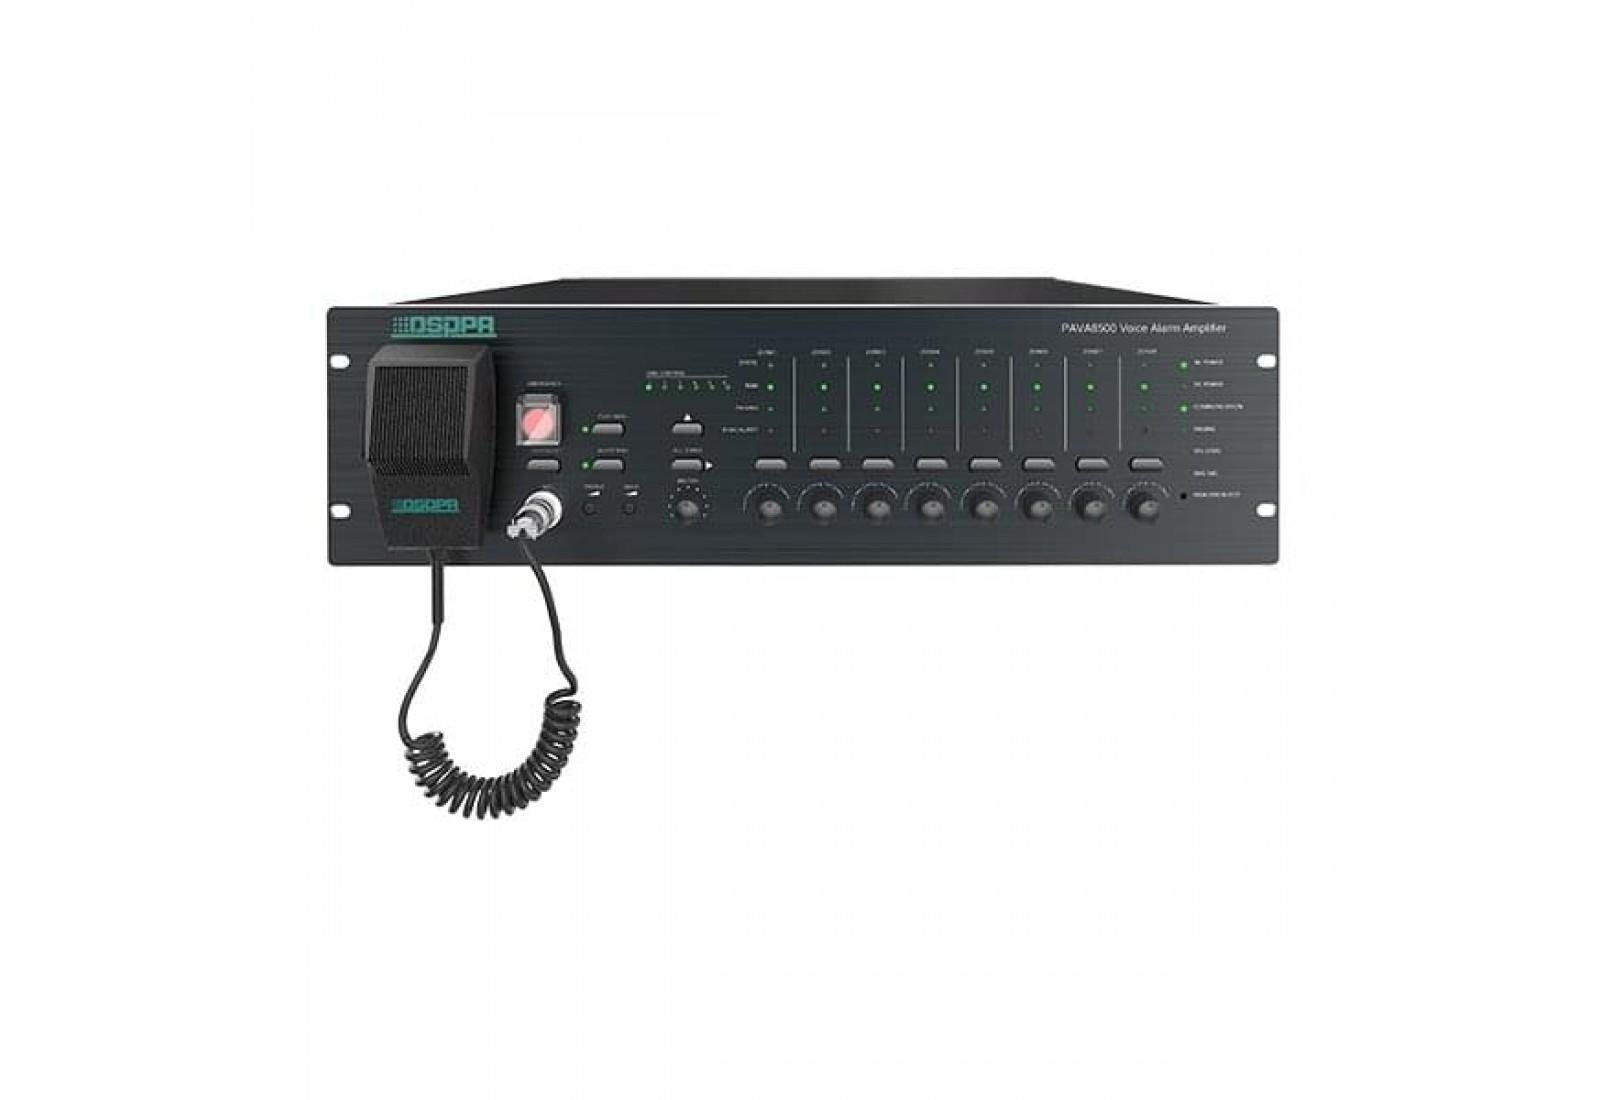 PAVA8500 bộ điều khiển trung tâm 8 vùng độc lập